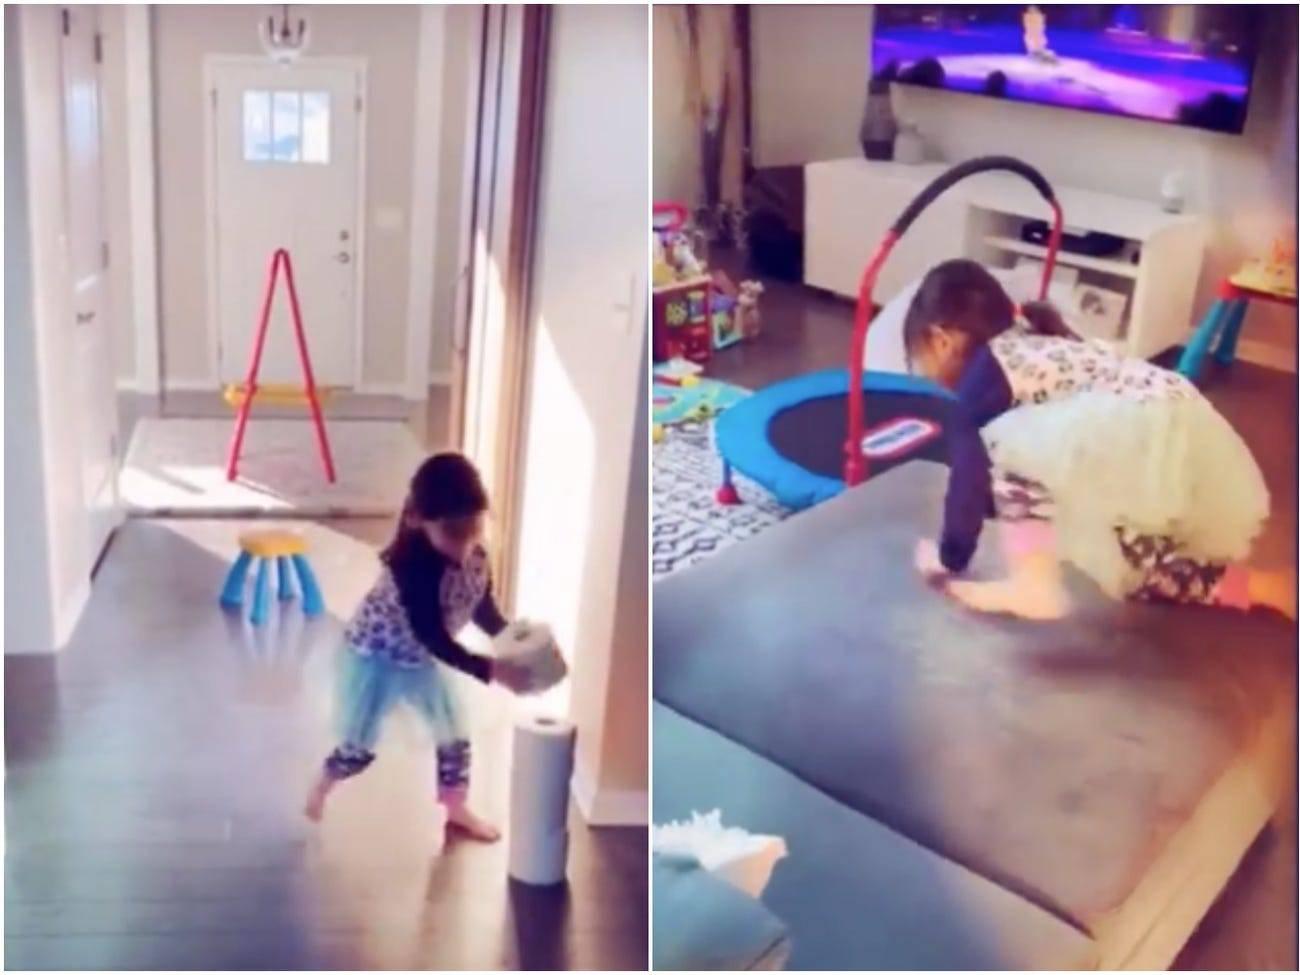 Kućne vježbe: Otac postavio kćeri prepreke koje mora proći